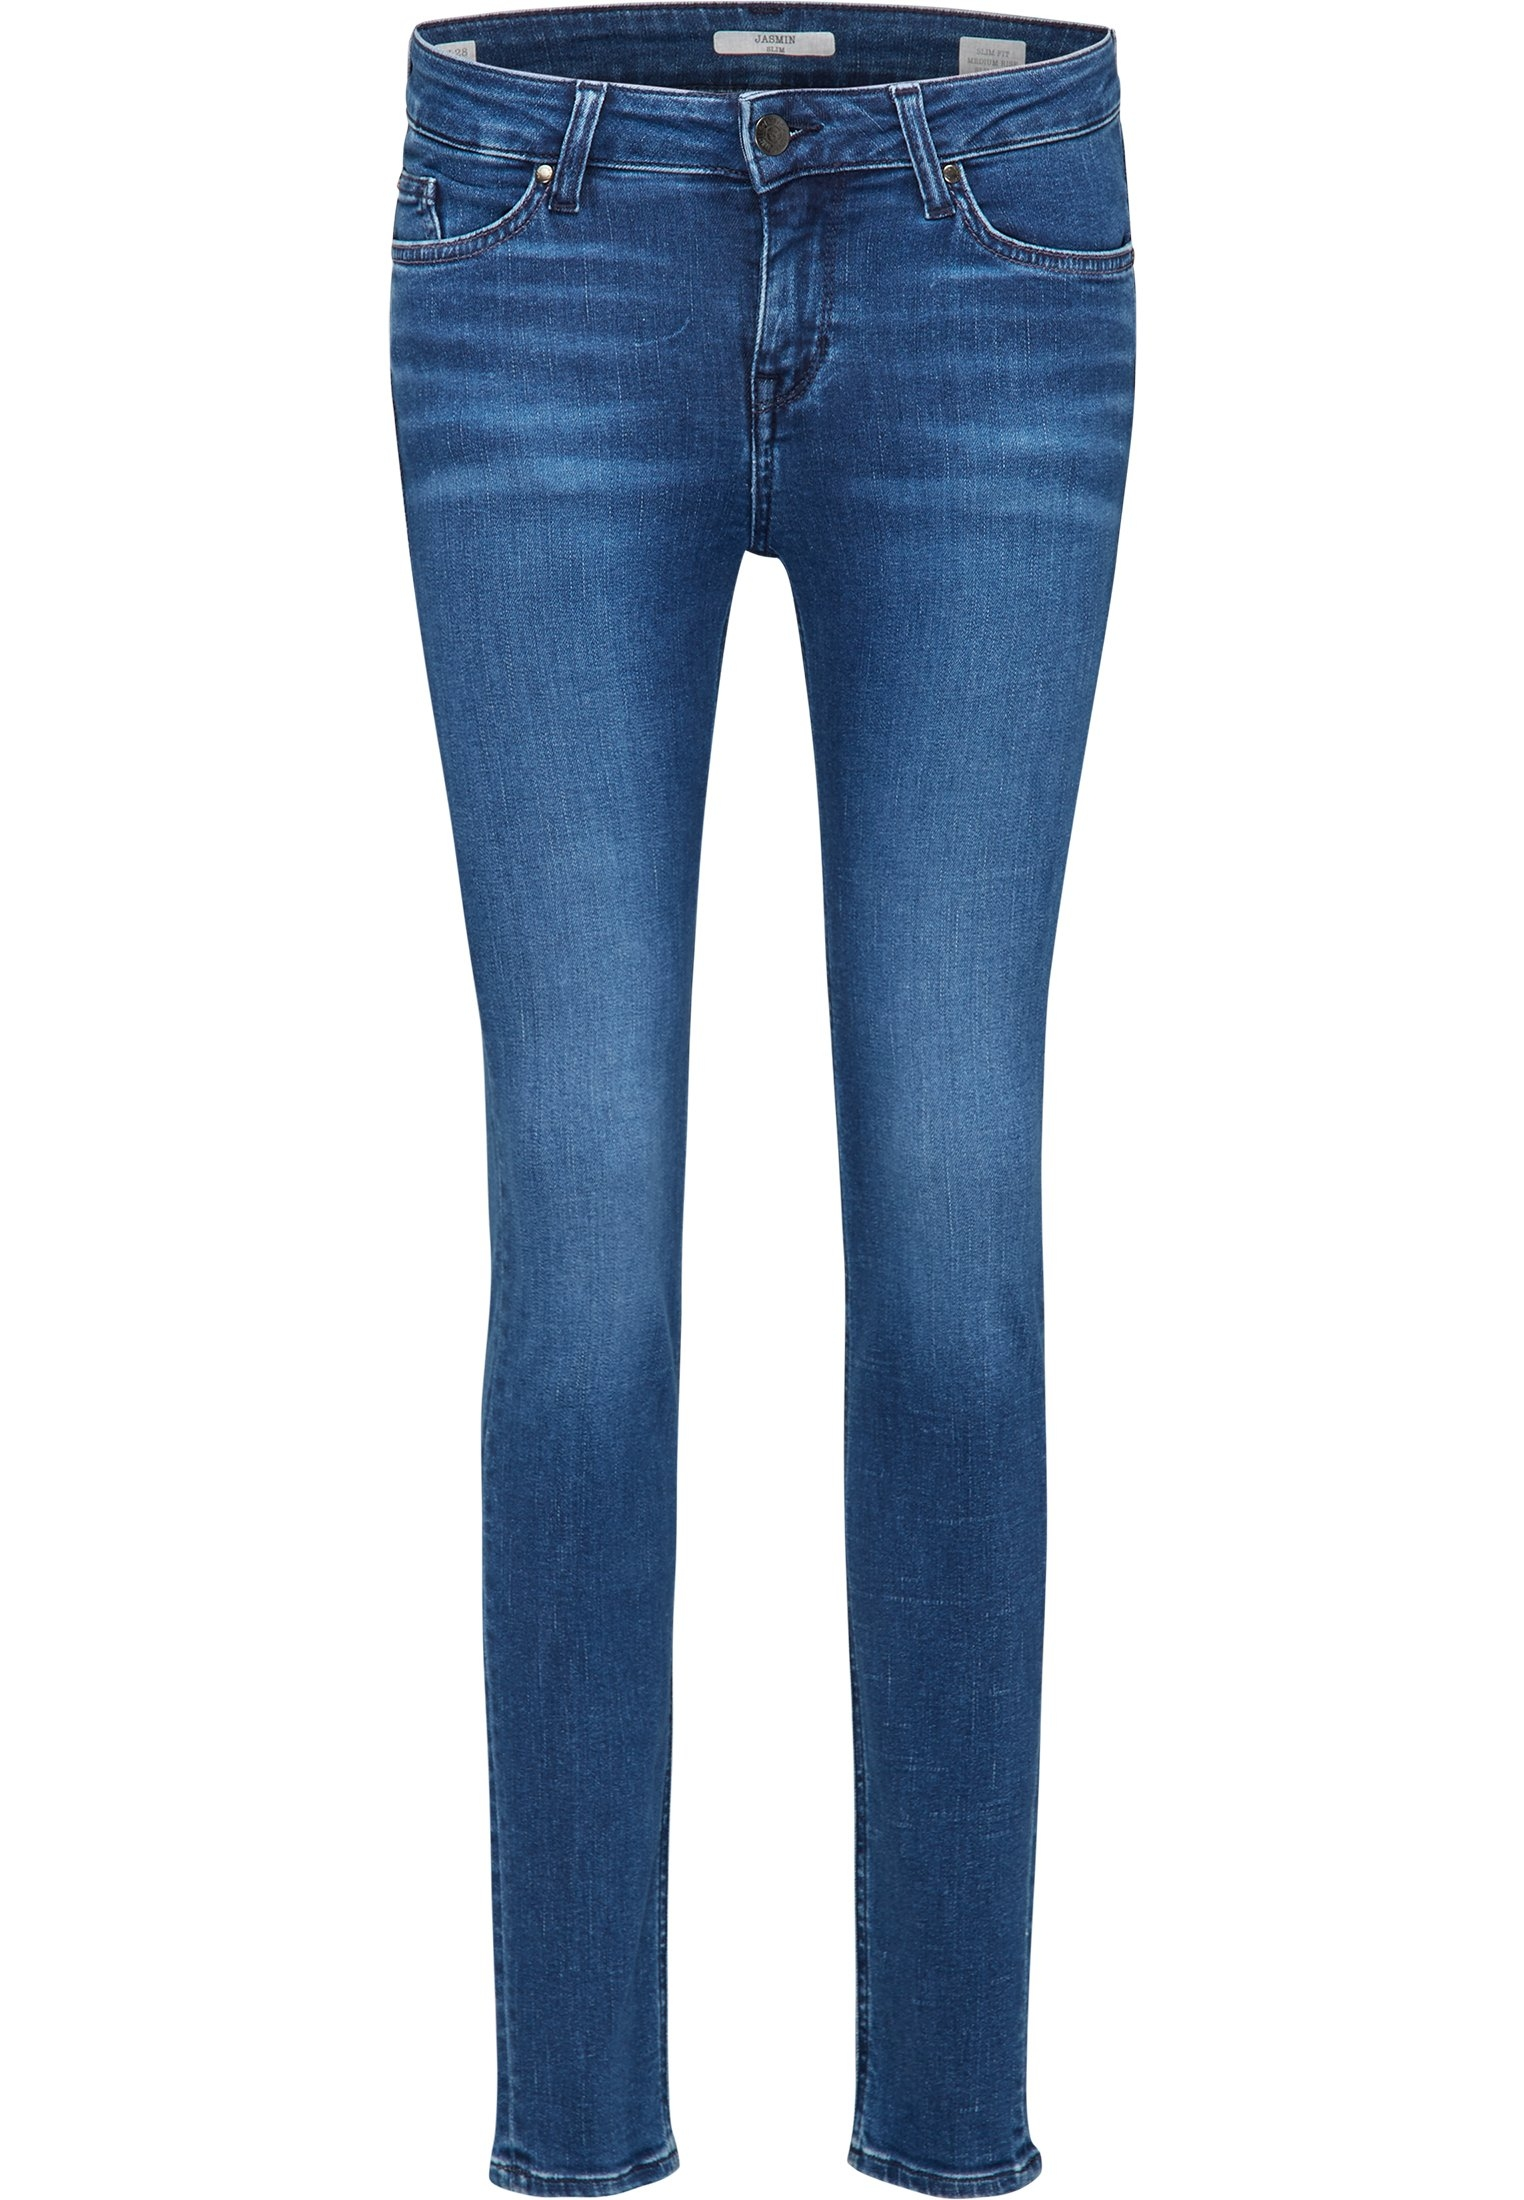 MUSTANG jeans »Jasmin Jeggins« veilig op otto.nl kopen